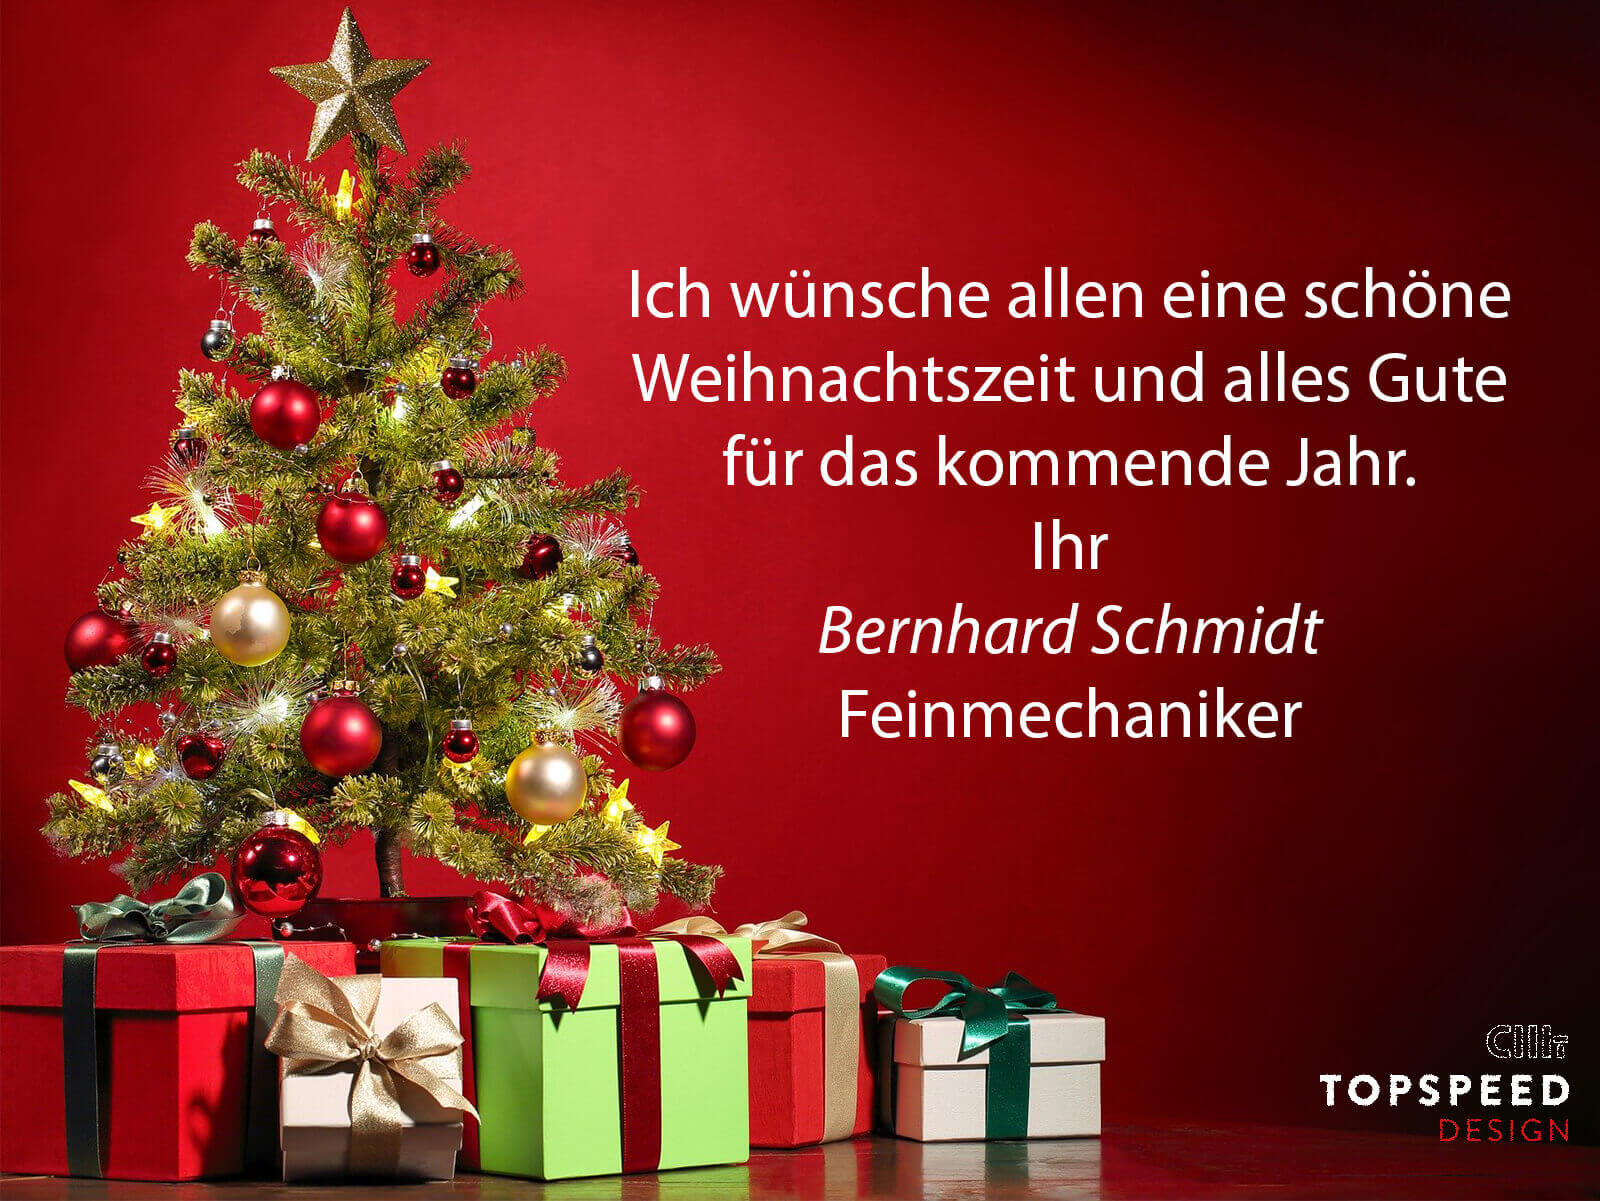 Weihnachtsgrüße | Topspeed-Design by Bernhard Schmidt